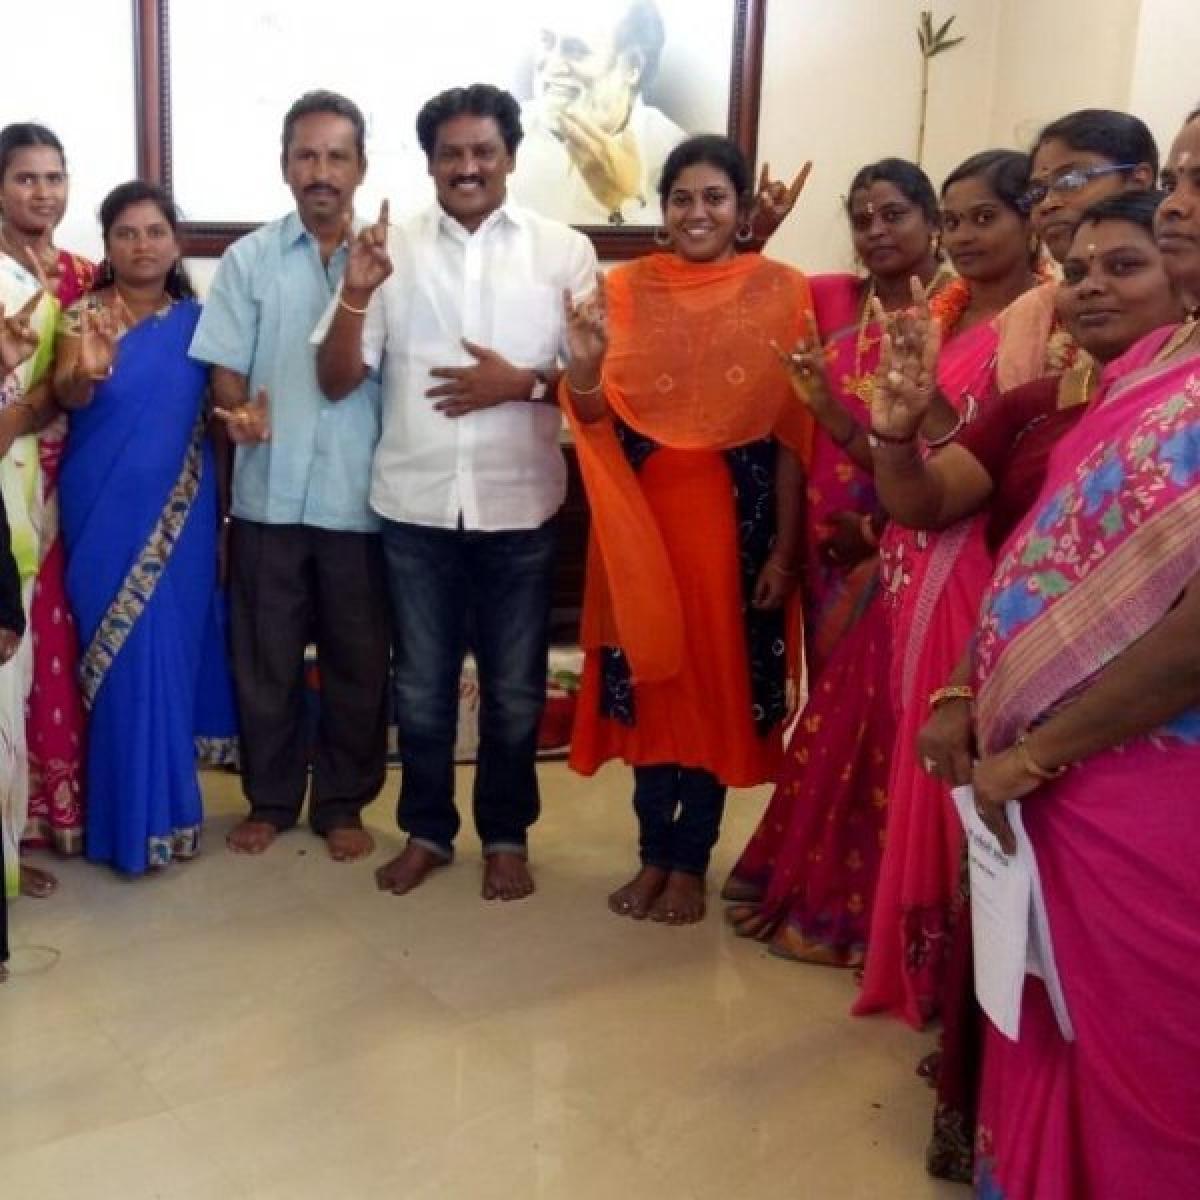 'கிராமங்களில் பெண் நிர்வாகிகள் நியமனம்!' -கட்டமைப்புகளைப் பலப்படுத்தும் ரஜினி மக்கள் மன்றம்